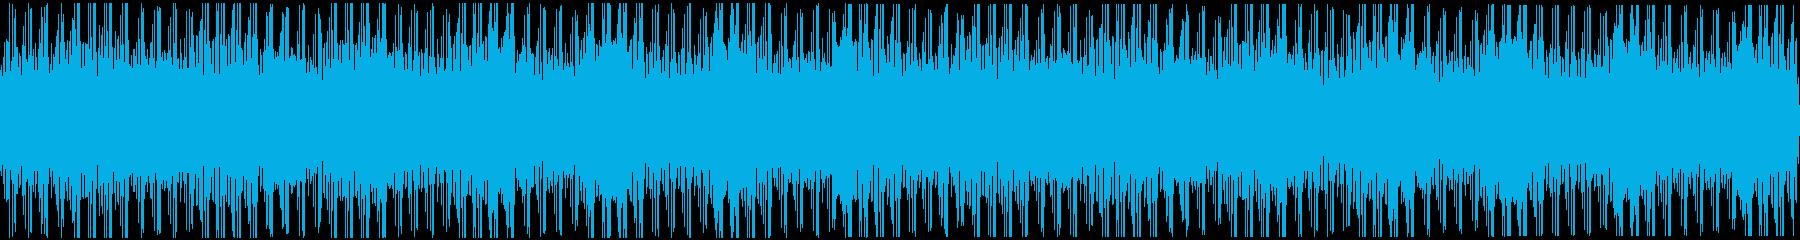 木琴の幻想的なBGM ラジオ・トーク等にの再生済みの波形